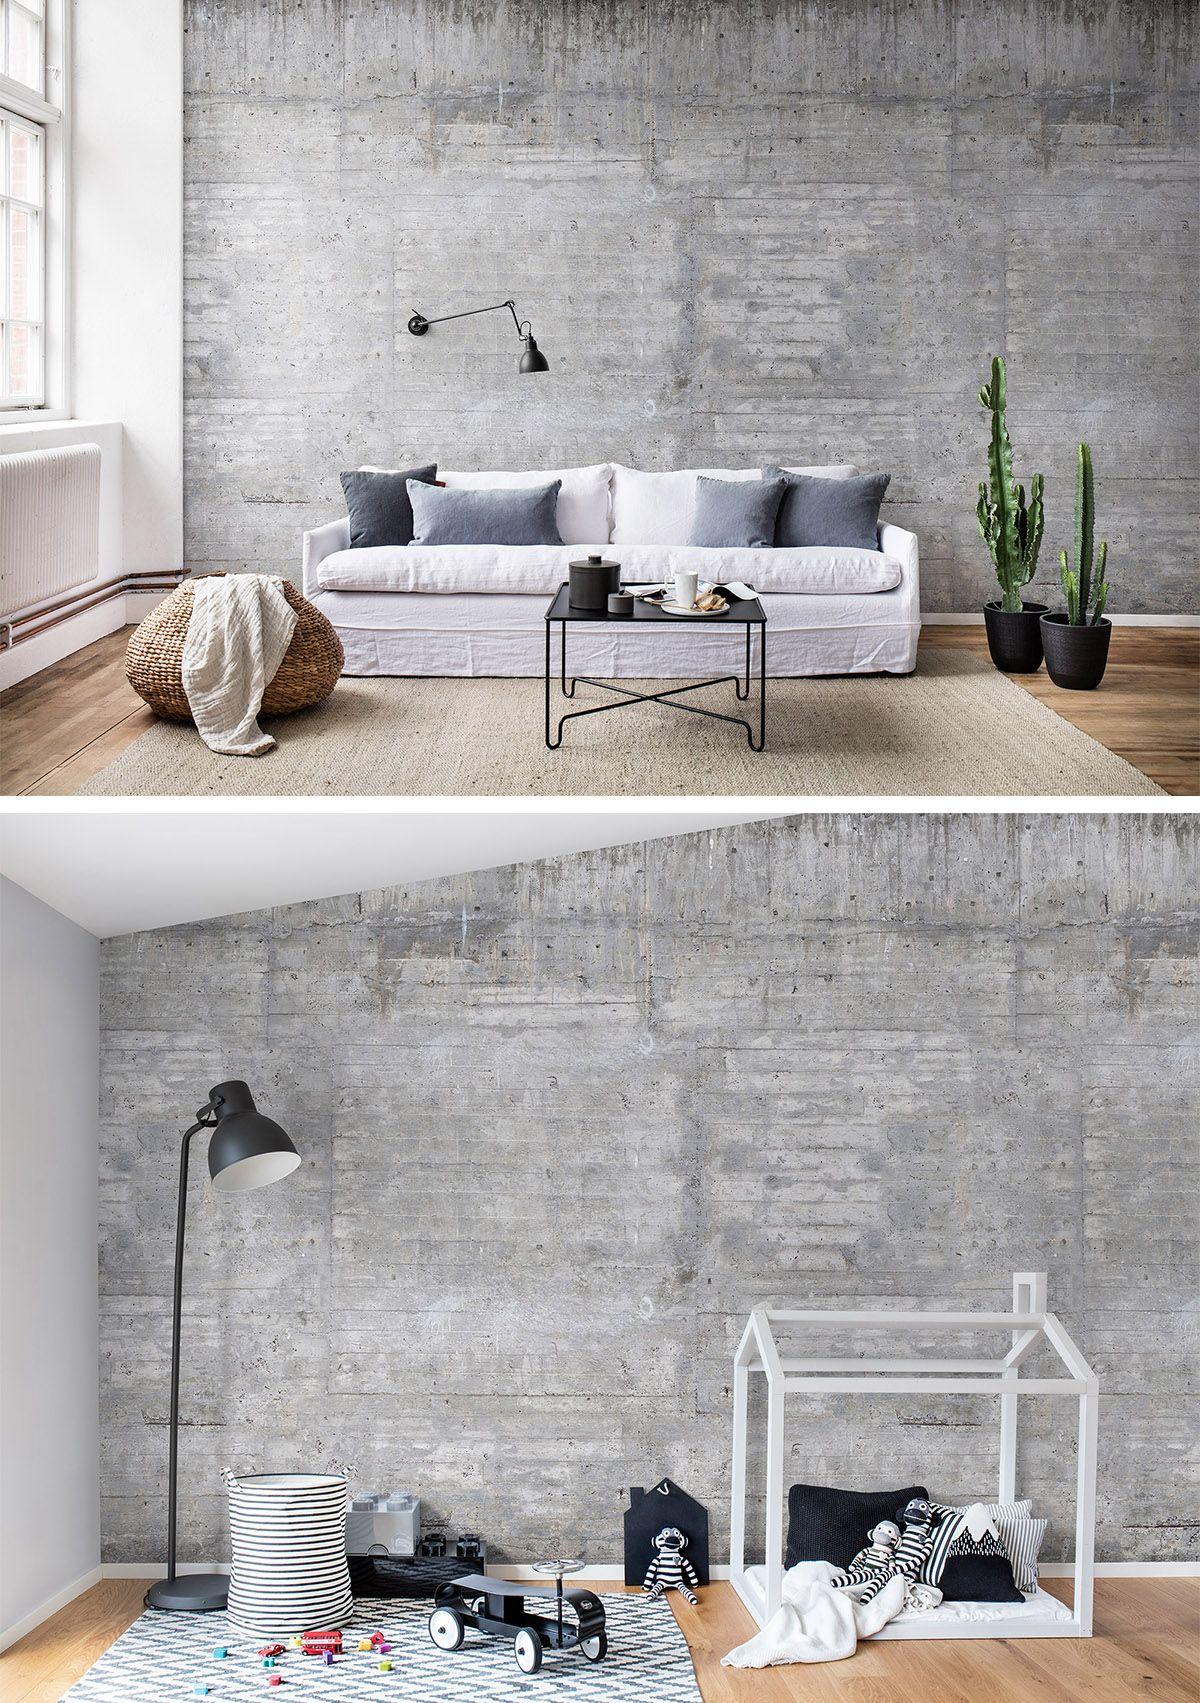 Full Size of Vliestapete Wohnzimmer Wooden Concrete In 2020 Wandgestaltung Tapete Deckenleuchte Hängeschrank Weiß Hochglanz Relaxliege Hängeleuchte Moderne Bilder Fürs Wohnzimmer Vliestapete Wohnzimmer